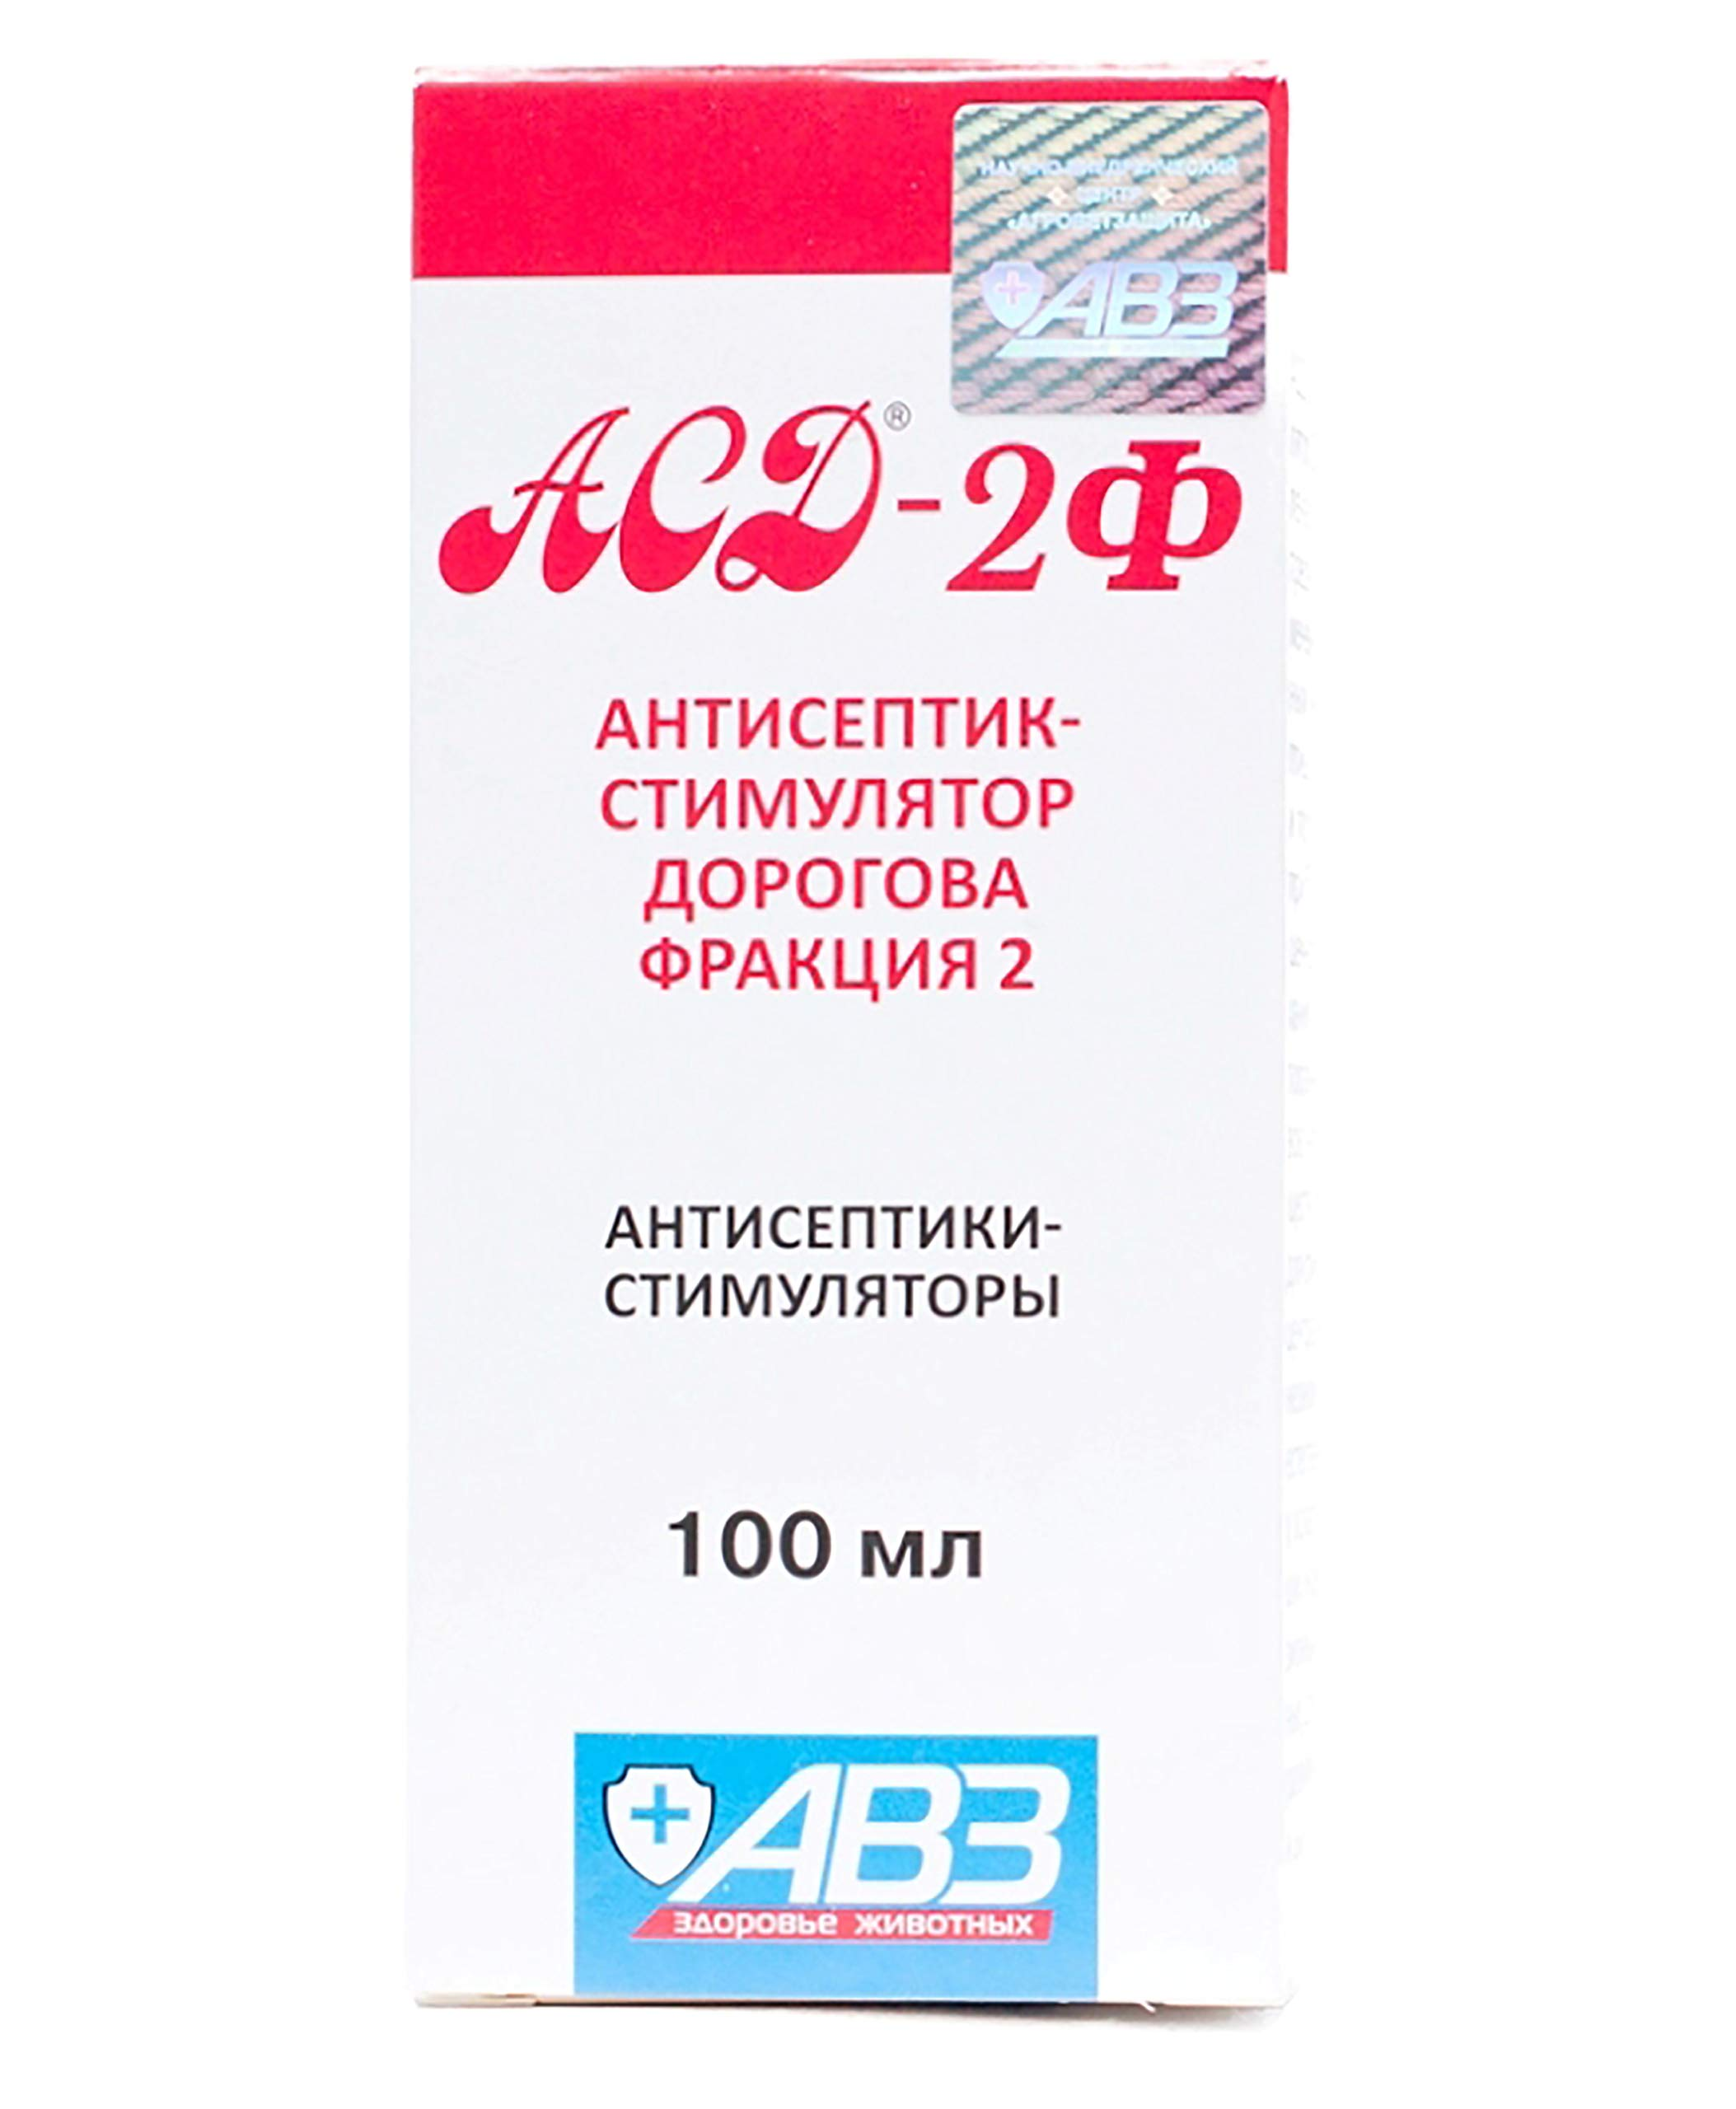 Асд 2 ASD 2 АВЗ Антисептик-стимулятор Дорогова